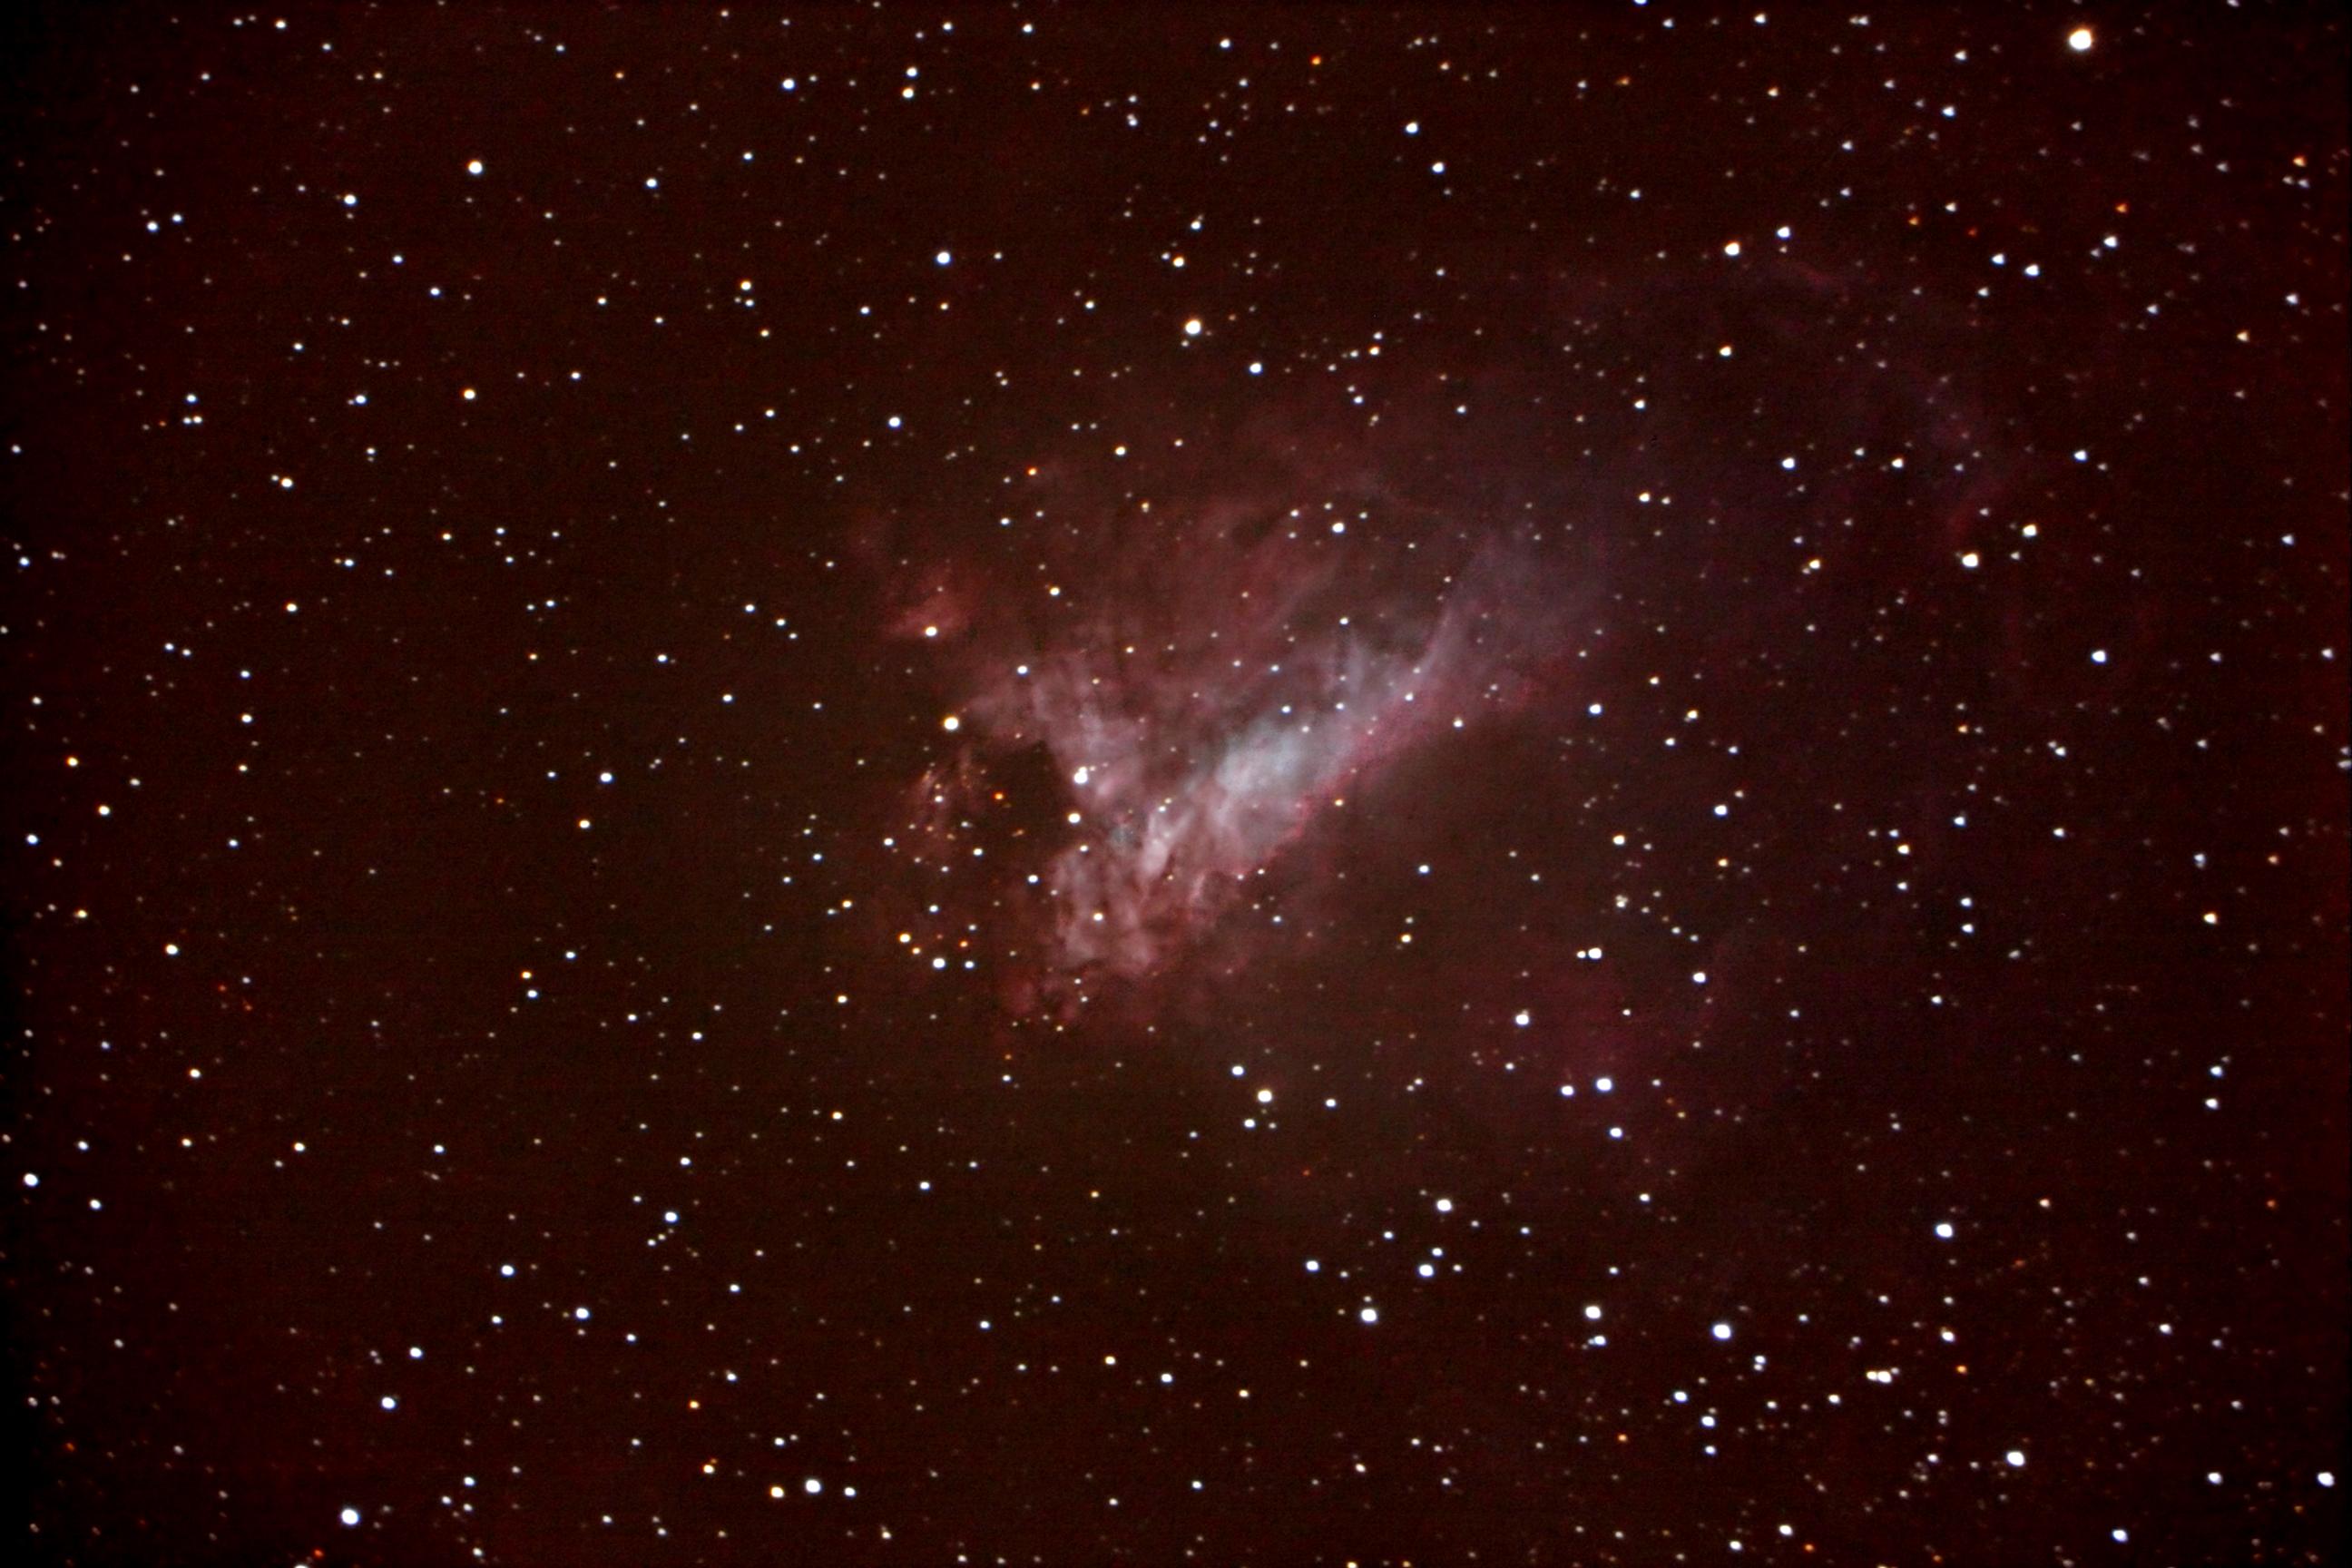 nebula m17 - photo #26